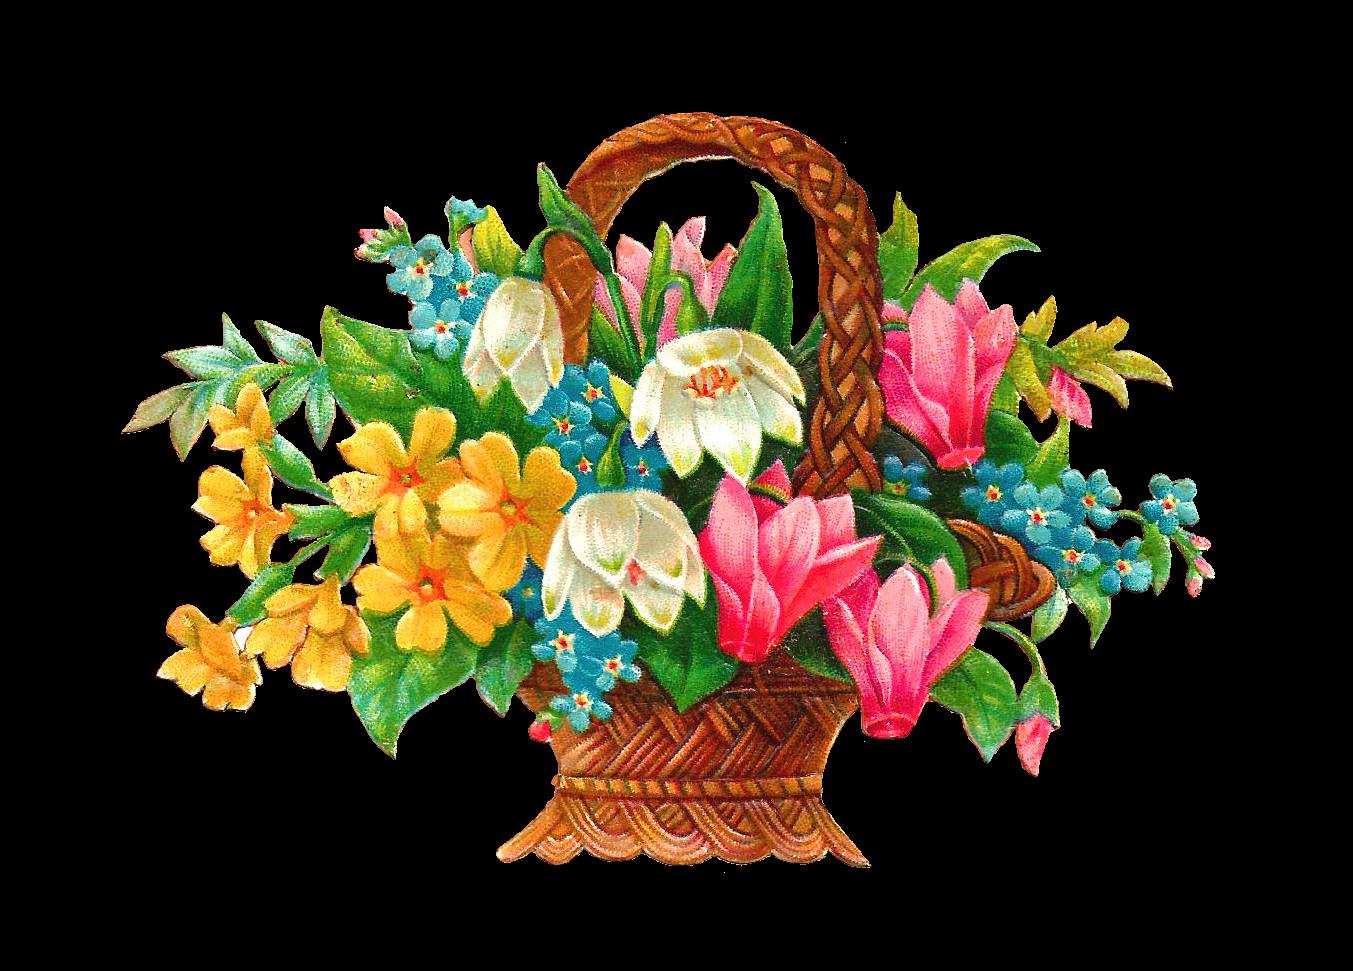 http://3.bp.blogspot.com/-jZLpa8_fwG8/UjfbwdytdMI/AAAAAAAAQ9U/DfjMHHUK7lA/s1600/flower_basket_4_brwnpng.png